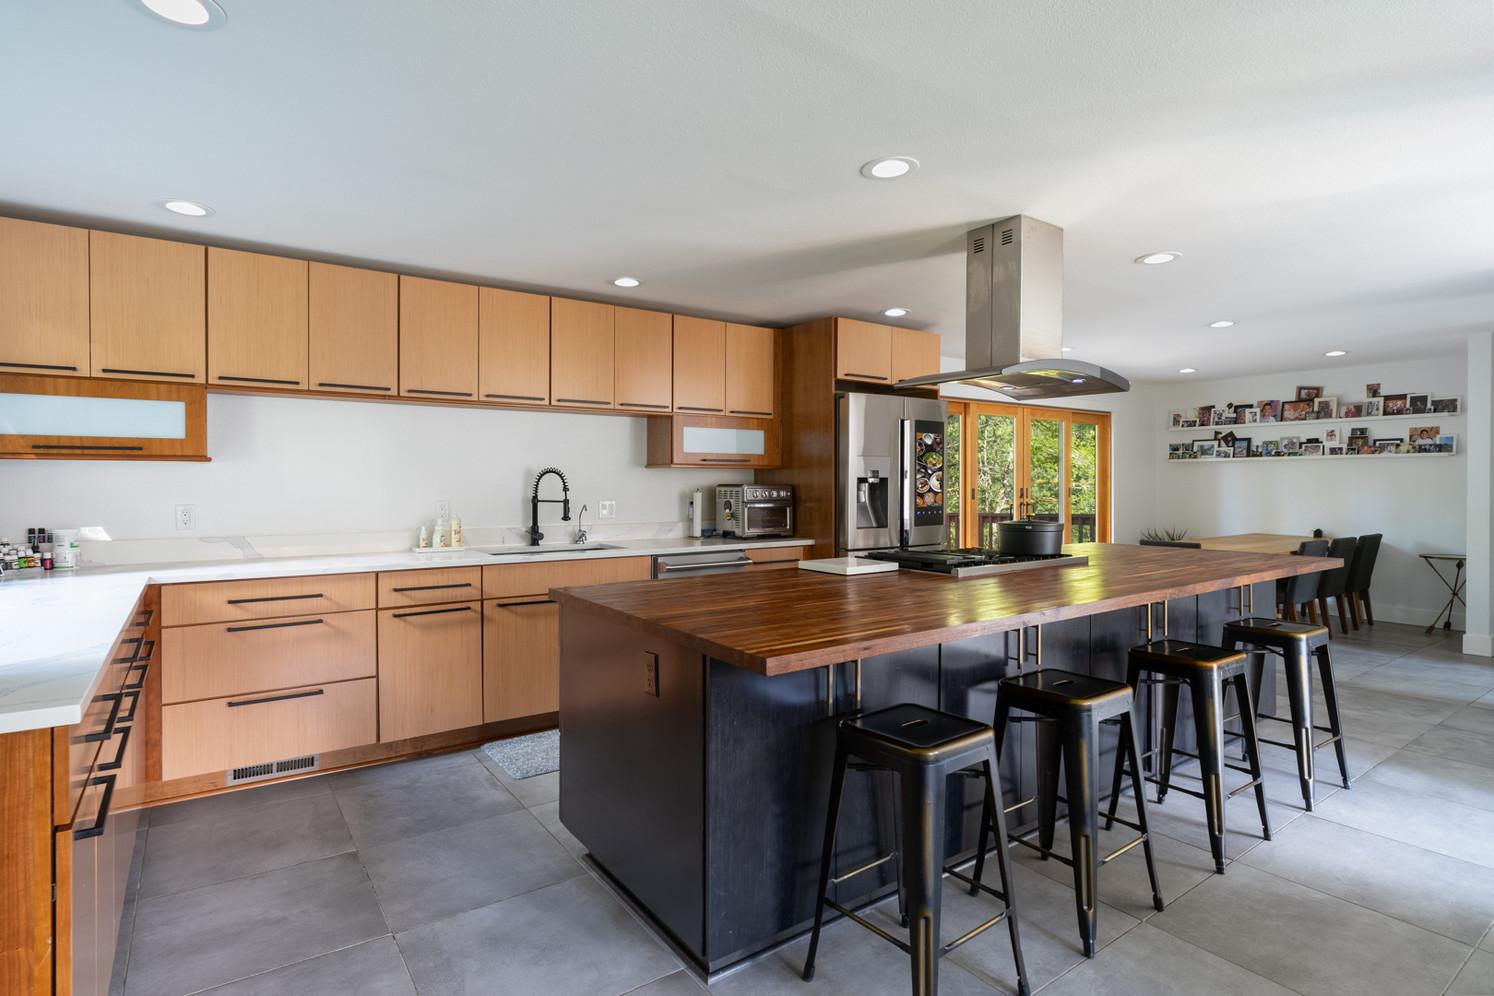 Modern kitchen in Redmond, Washington.